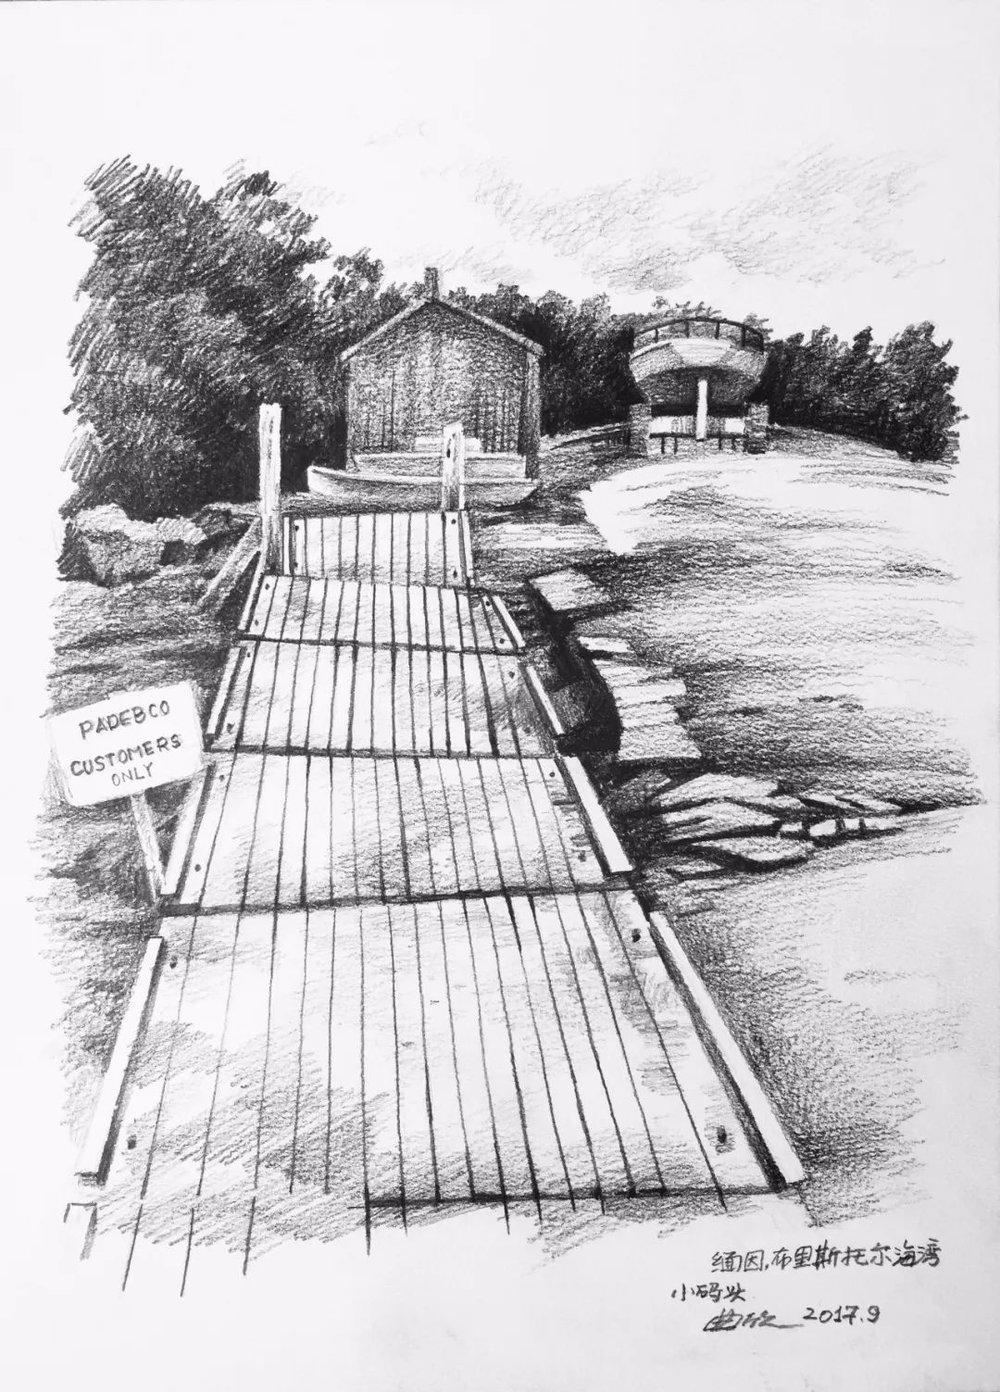 曲欣,《缅因布里斯托尔海湾》,纸面铅笔,28×38cm,2017年9月